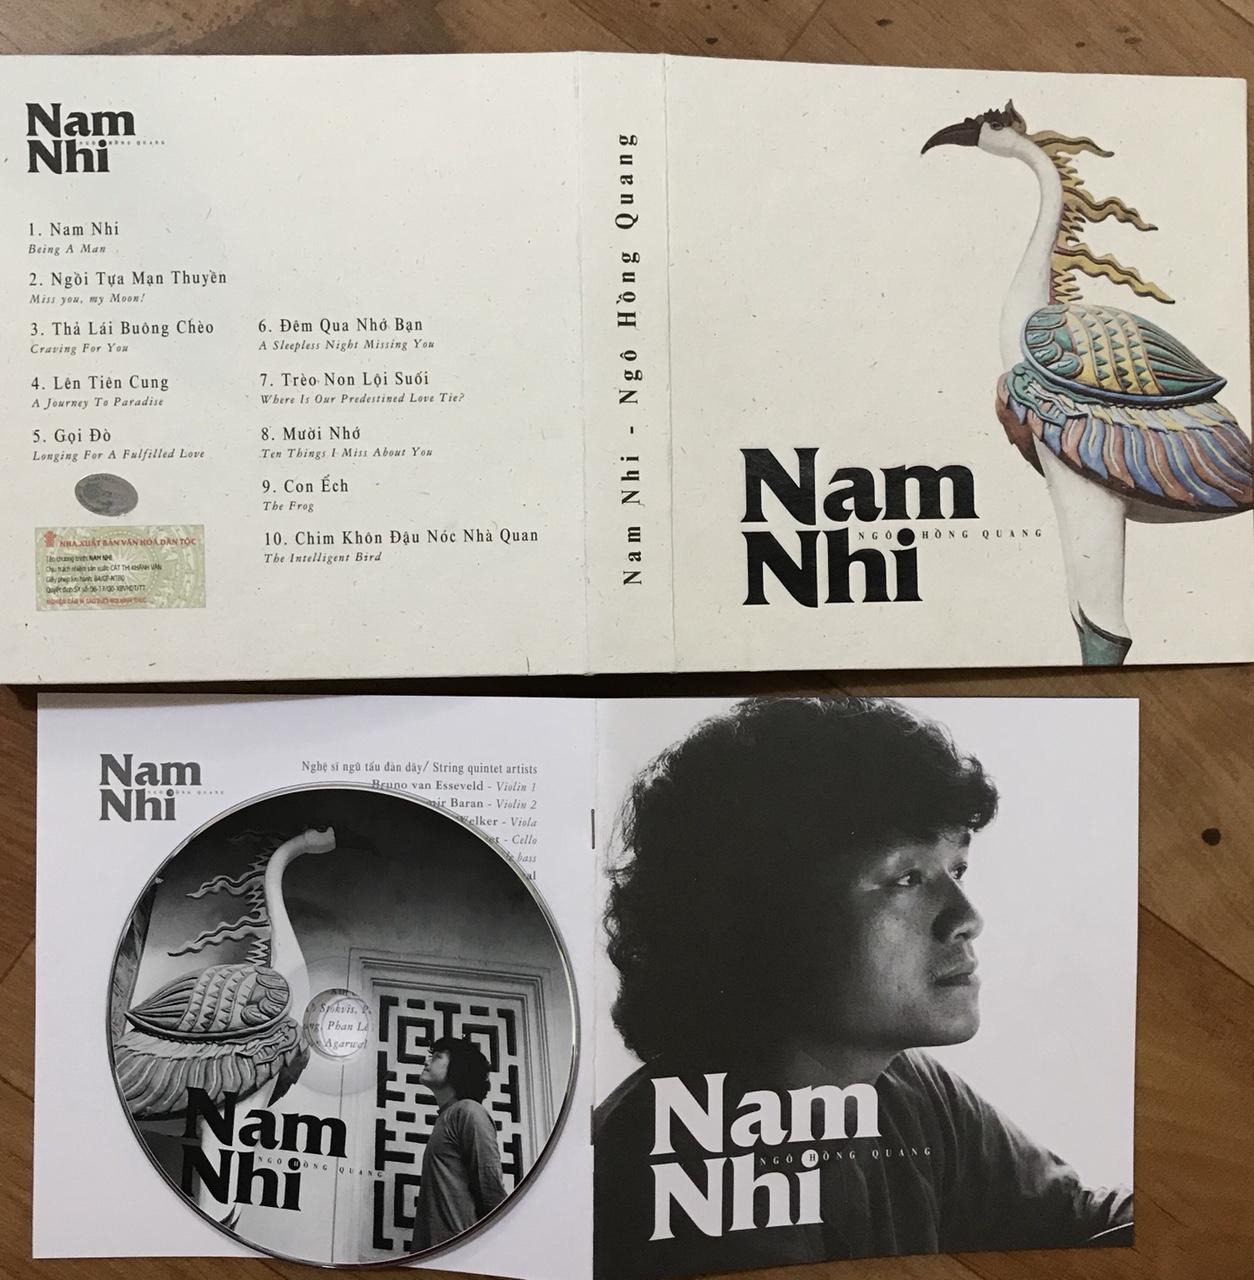 cd-nam-nhi-ngo-hong-quang